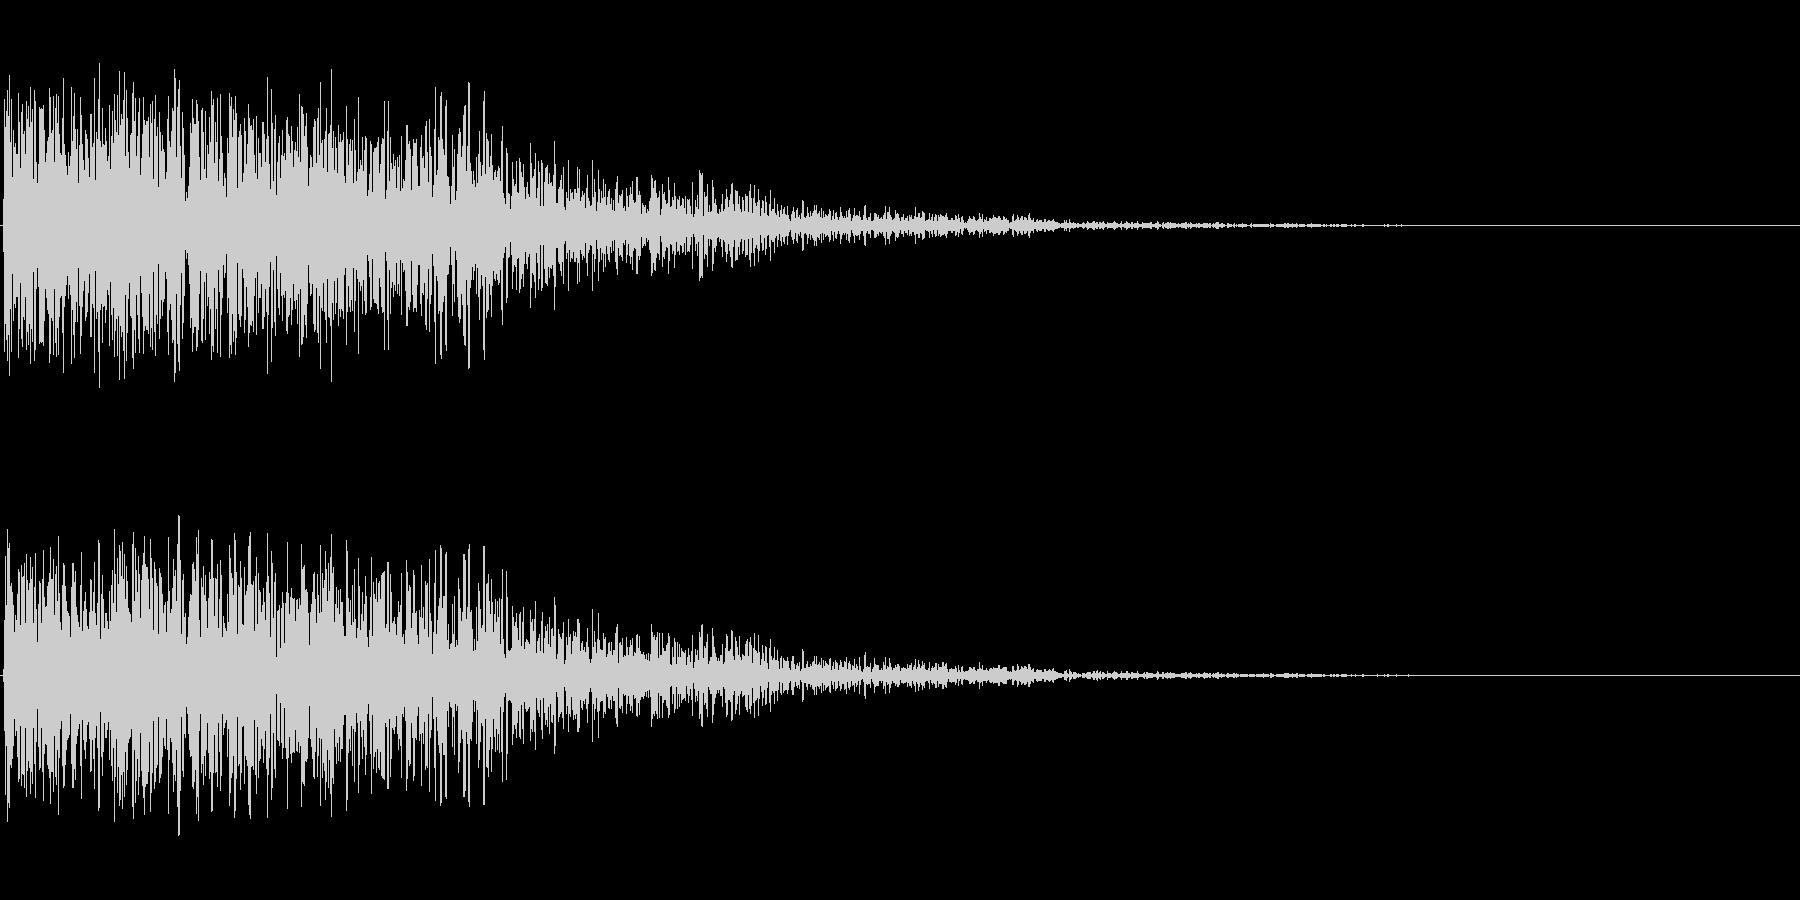 恐怖音の未再生の波形